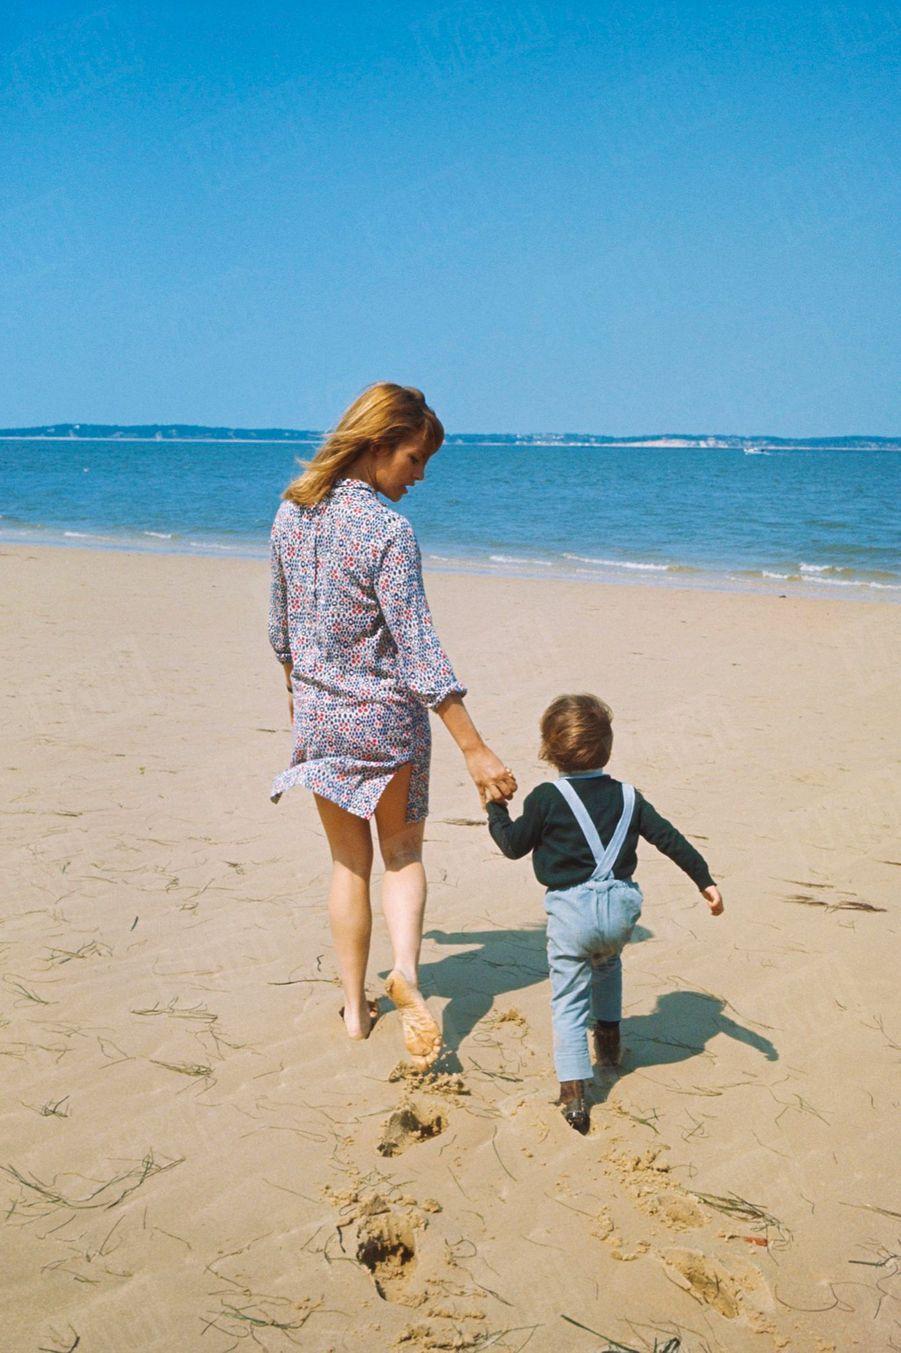 Nathalie Delon et son fils Anthonysur la plage d'Arcachon, en mai 1967.